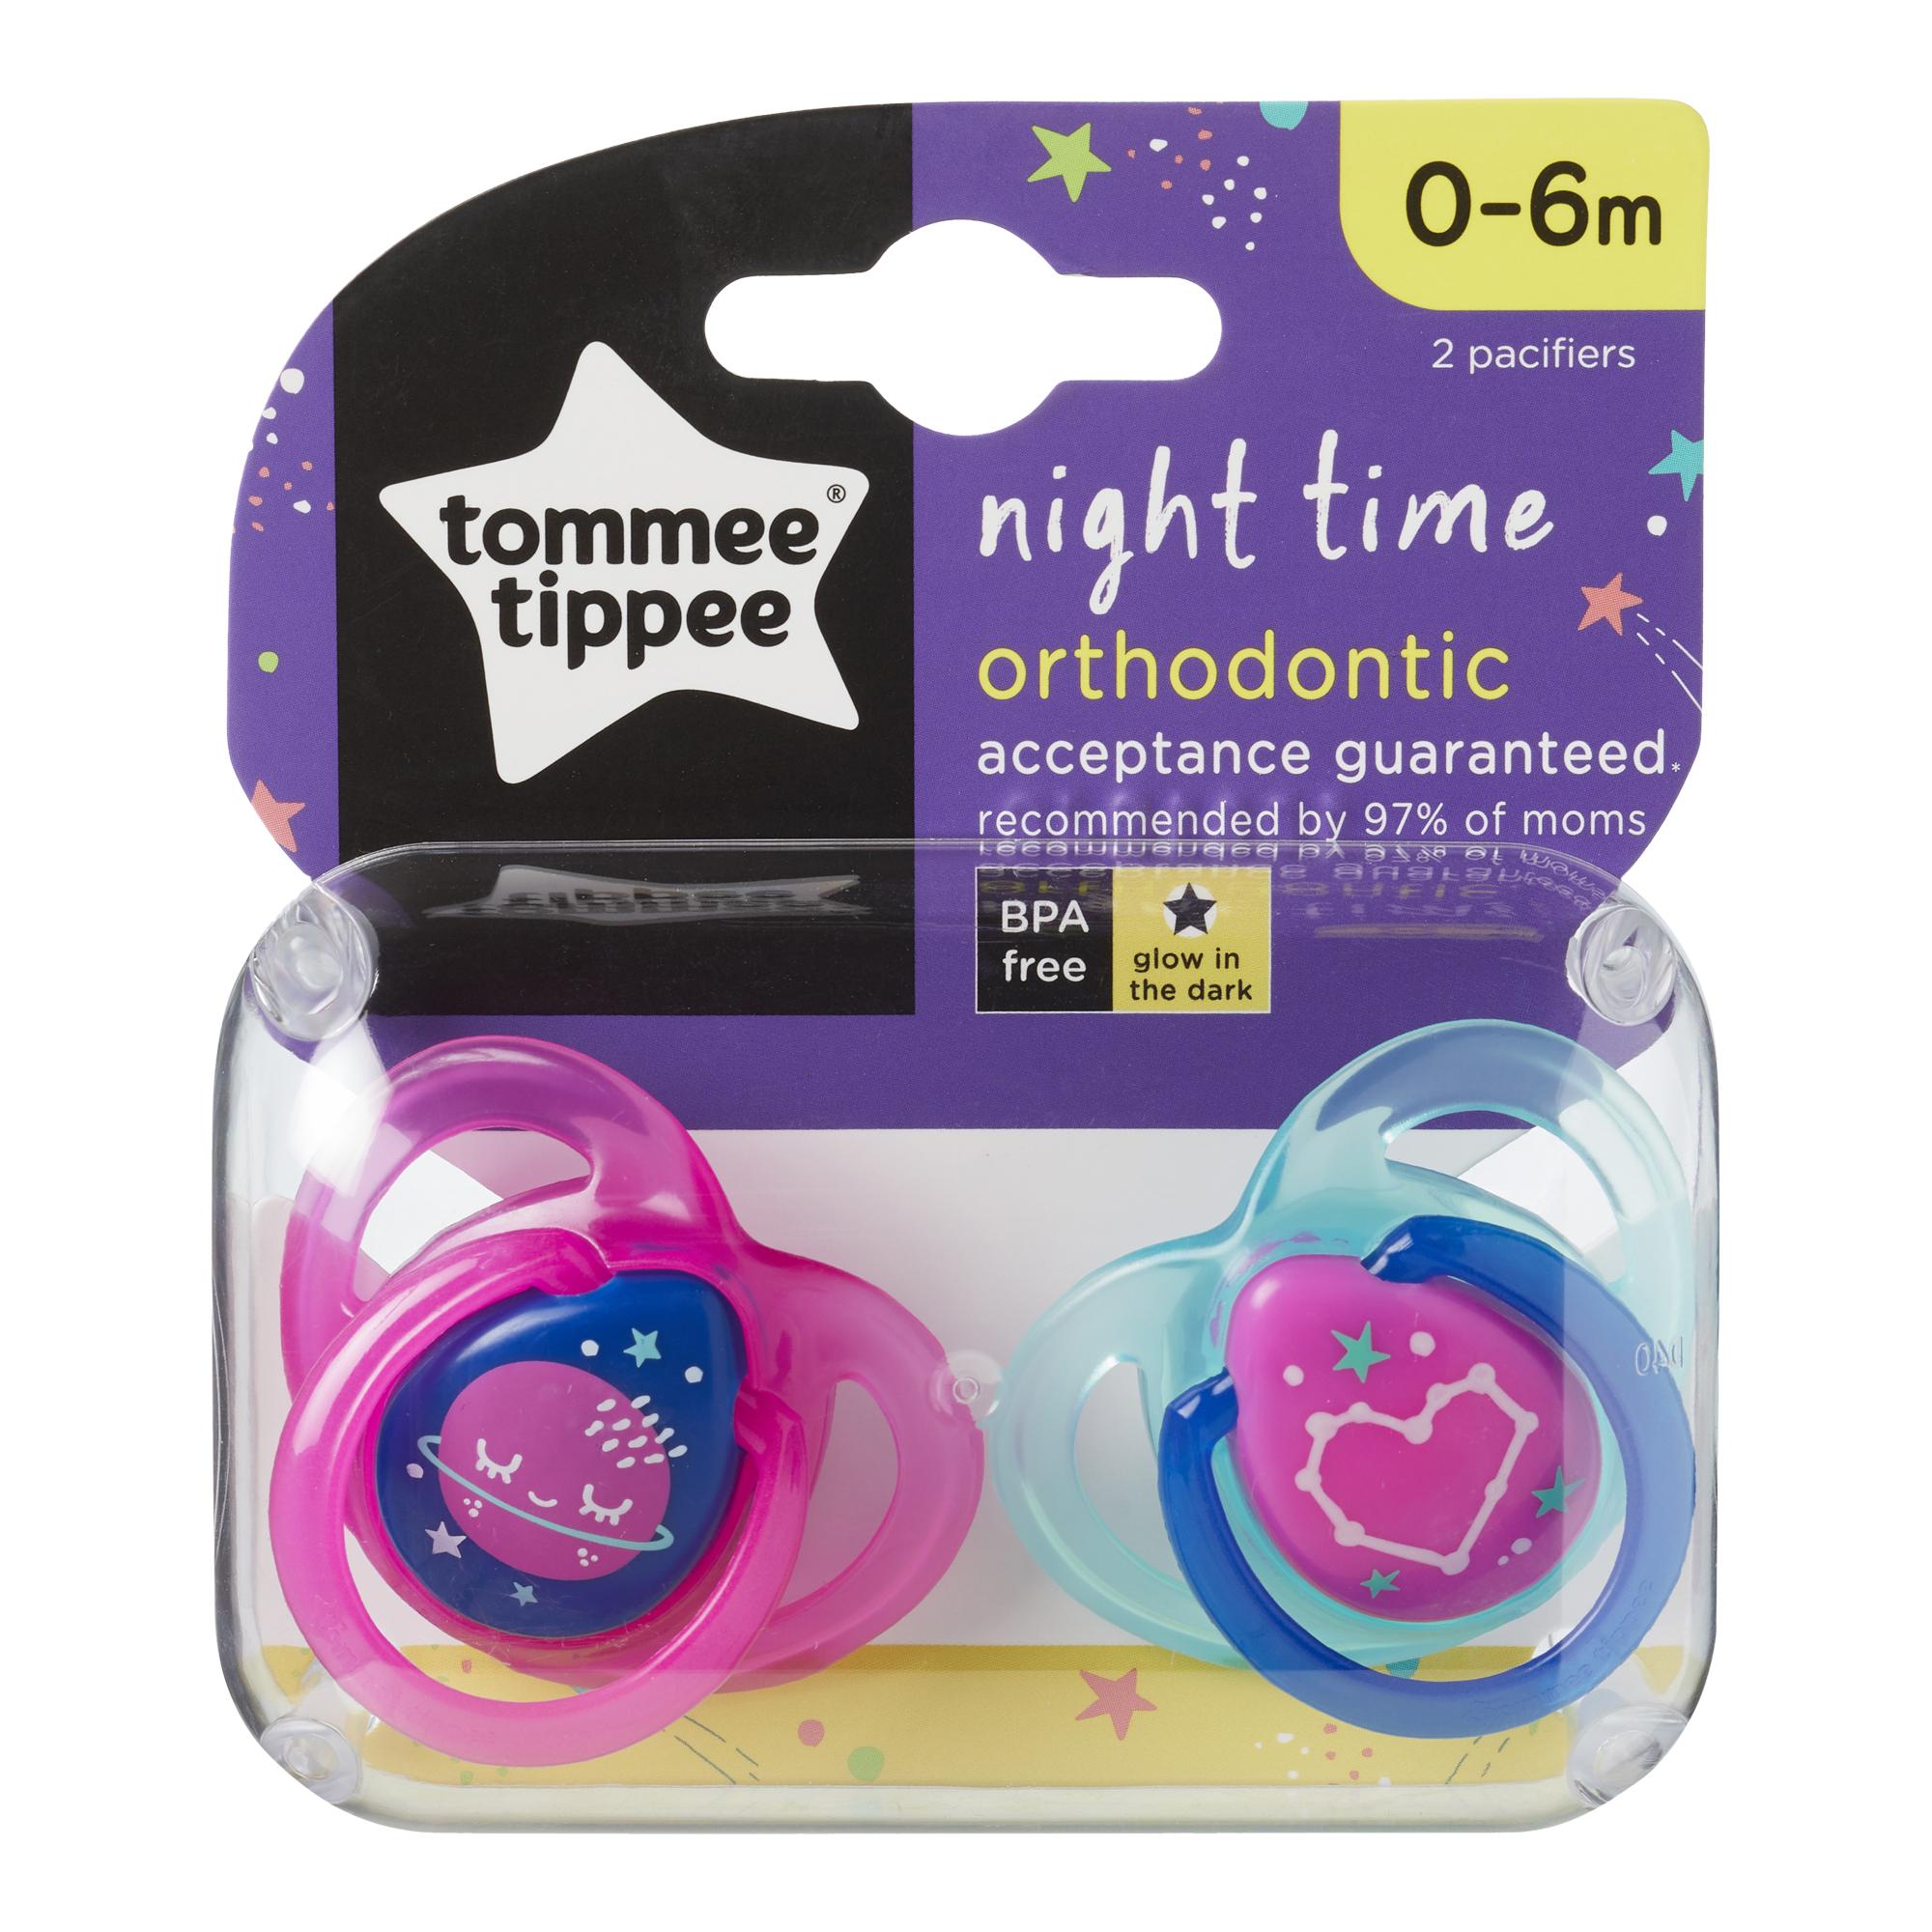 Set Suzete Ortodontice de Noapte, Tommee Tippee, 0 - 6 Luni, 2 buc, Roz / Bleu